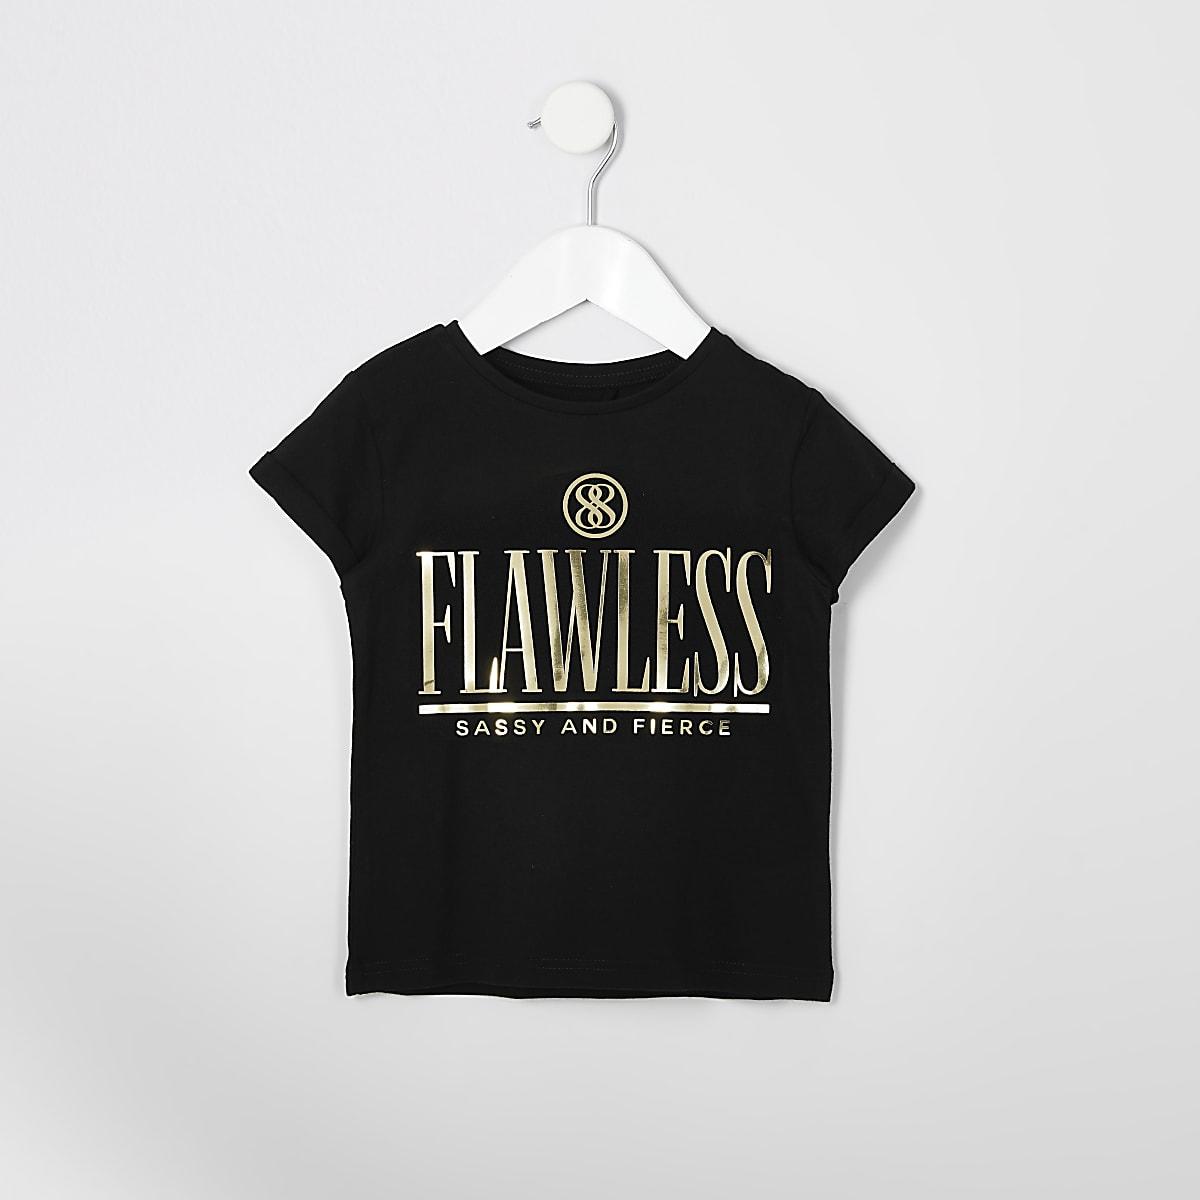 Mini - T-shirt met 'flawless' in spiegelfolie voor meisjes